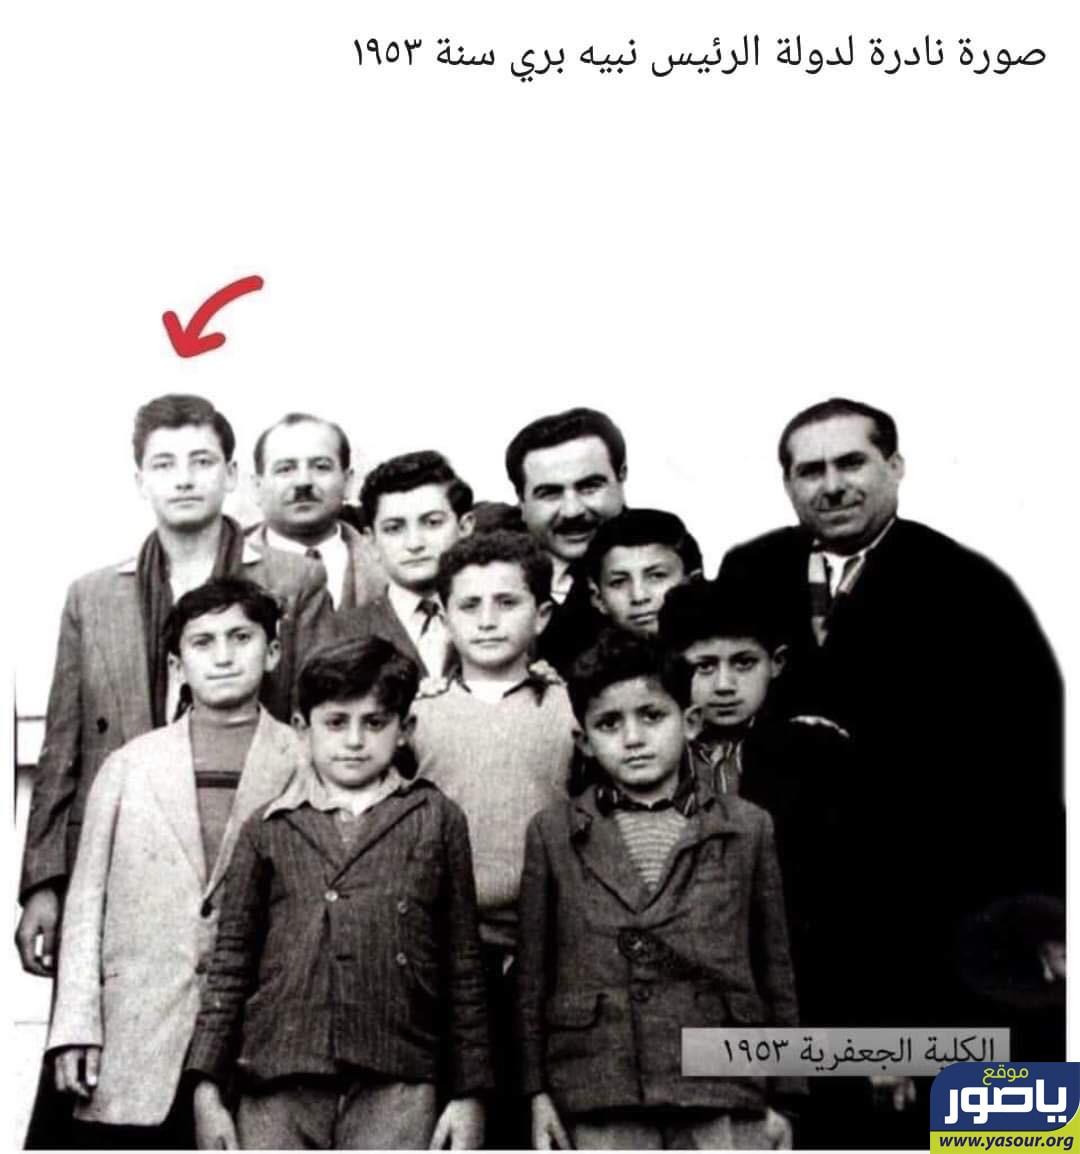 يا صور صورة نادرة للرئيس نبيه بري خلال دراسته في المدرسة الجعفرية في صور